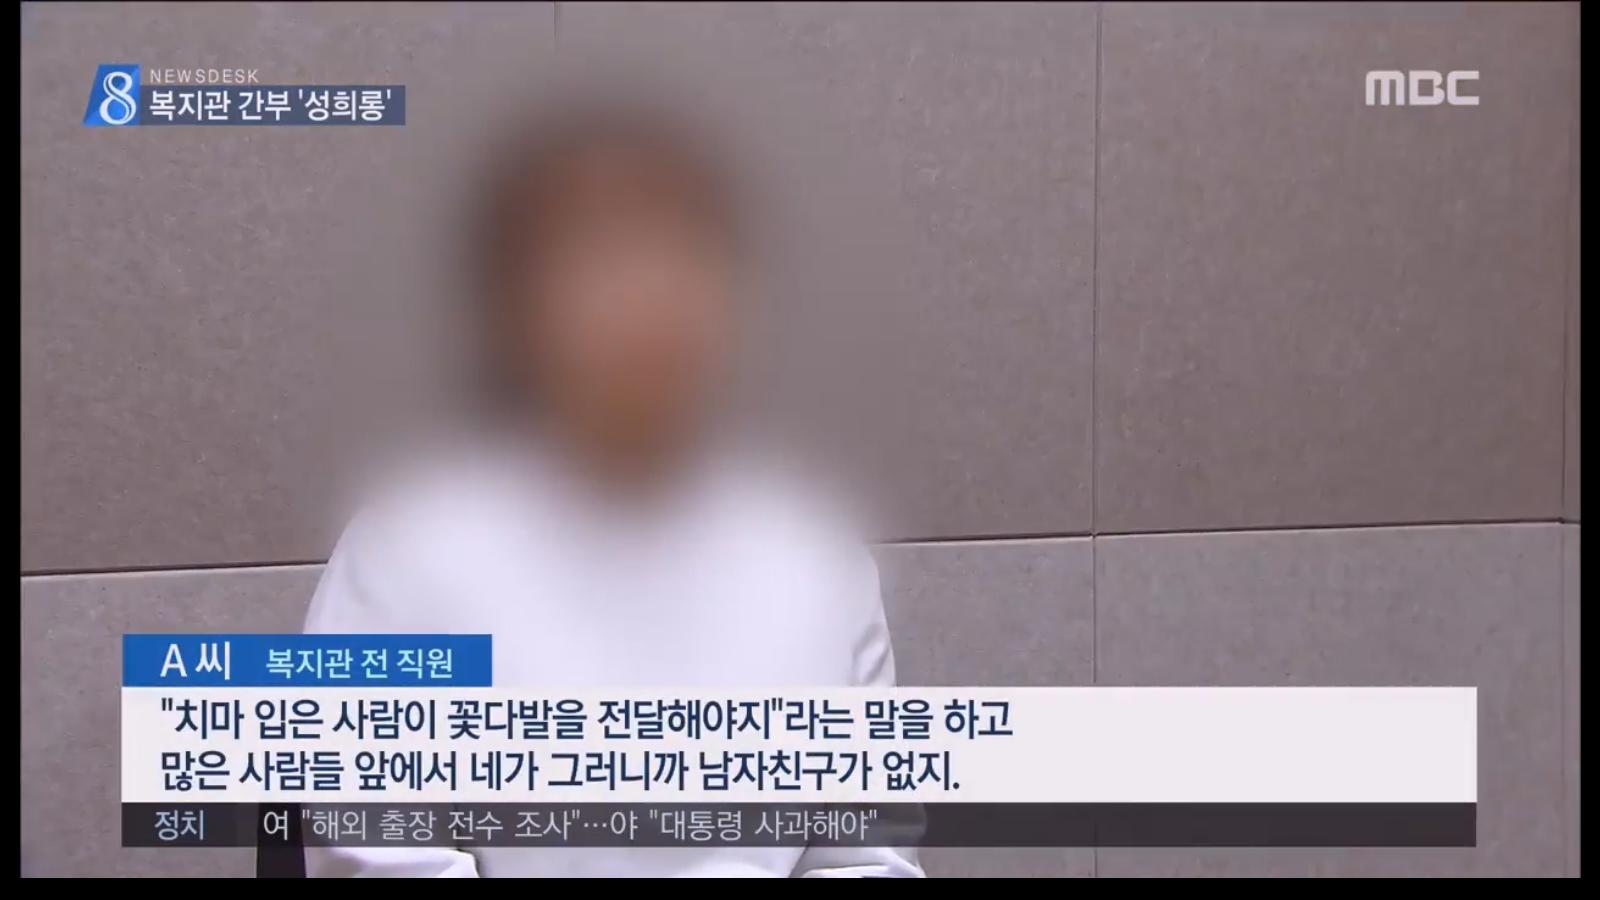 [18.4.17 전주MBC] 전주장애인종합복지관 의혹, 성희롱, 갑질 당했다2.jpg